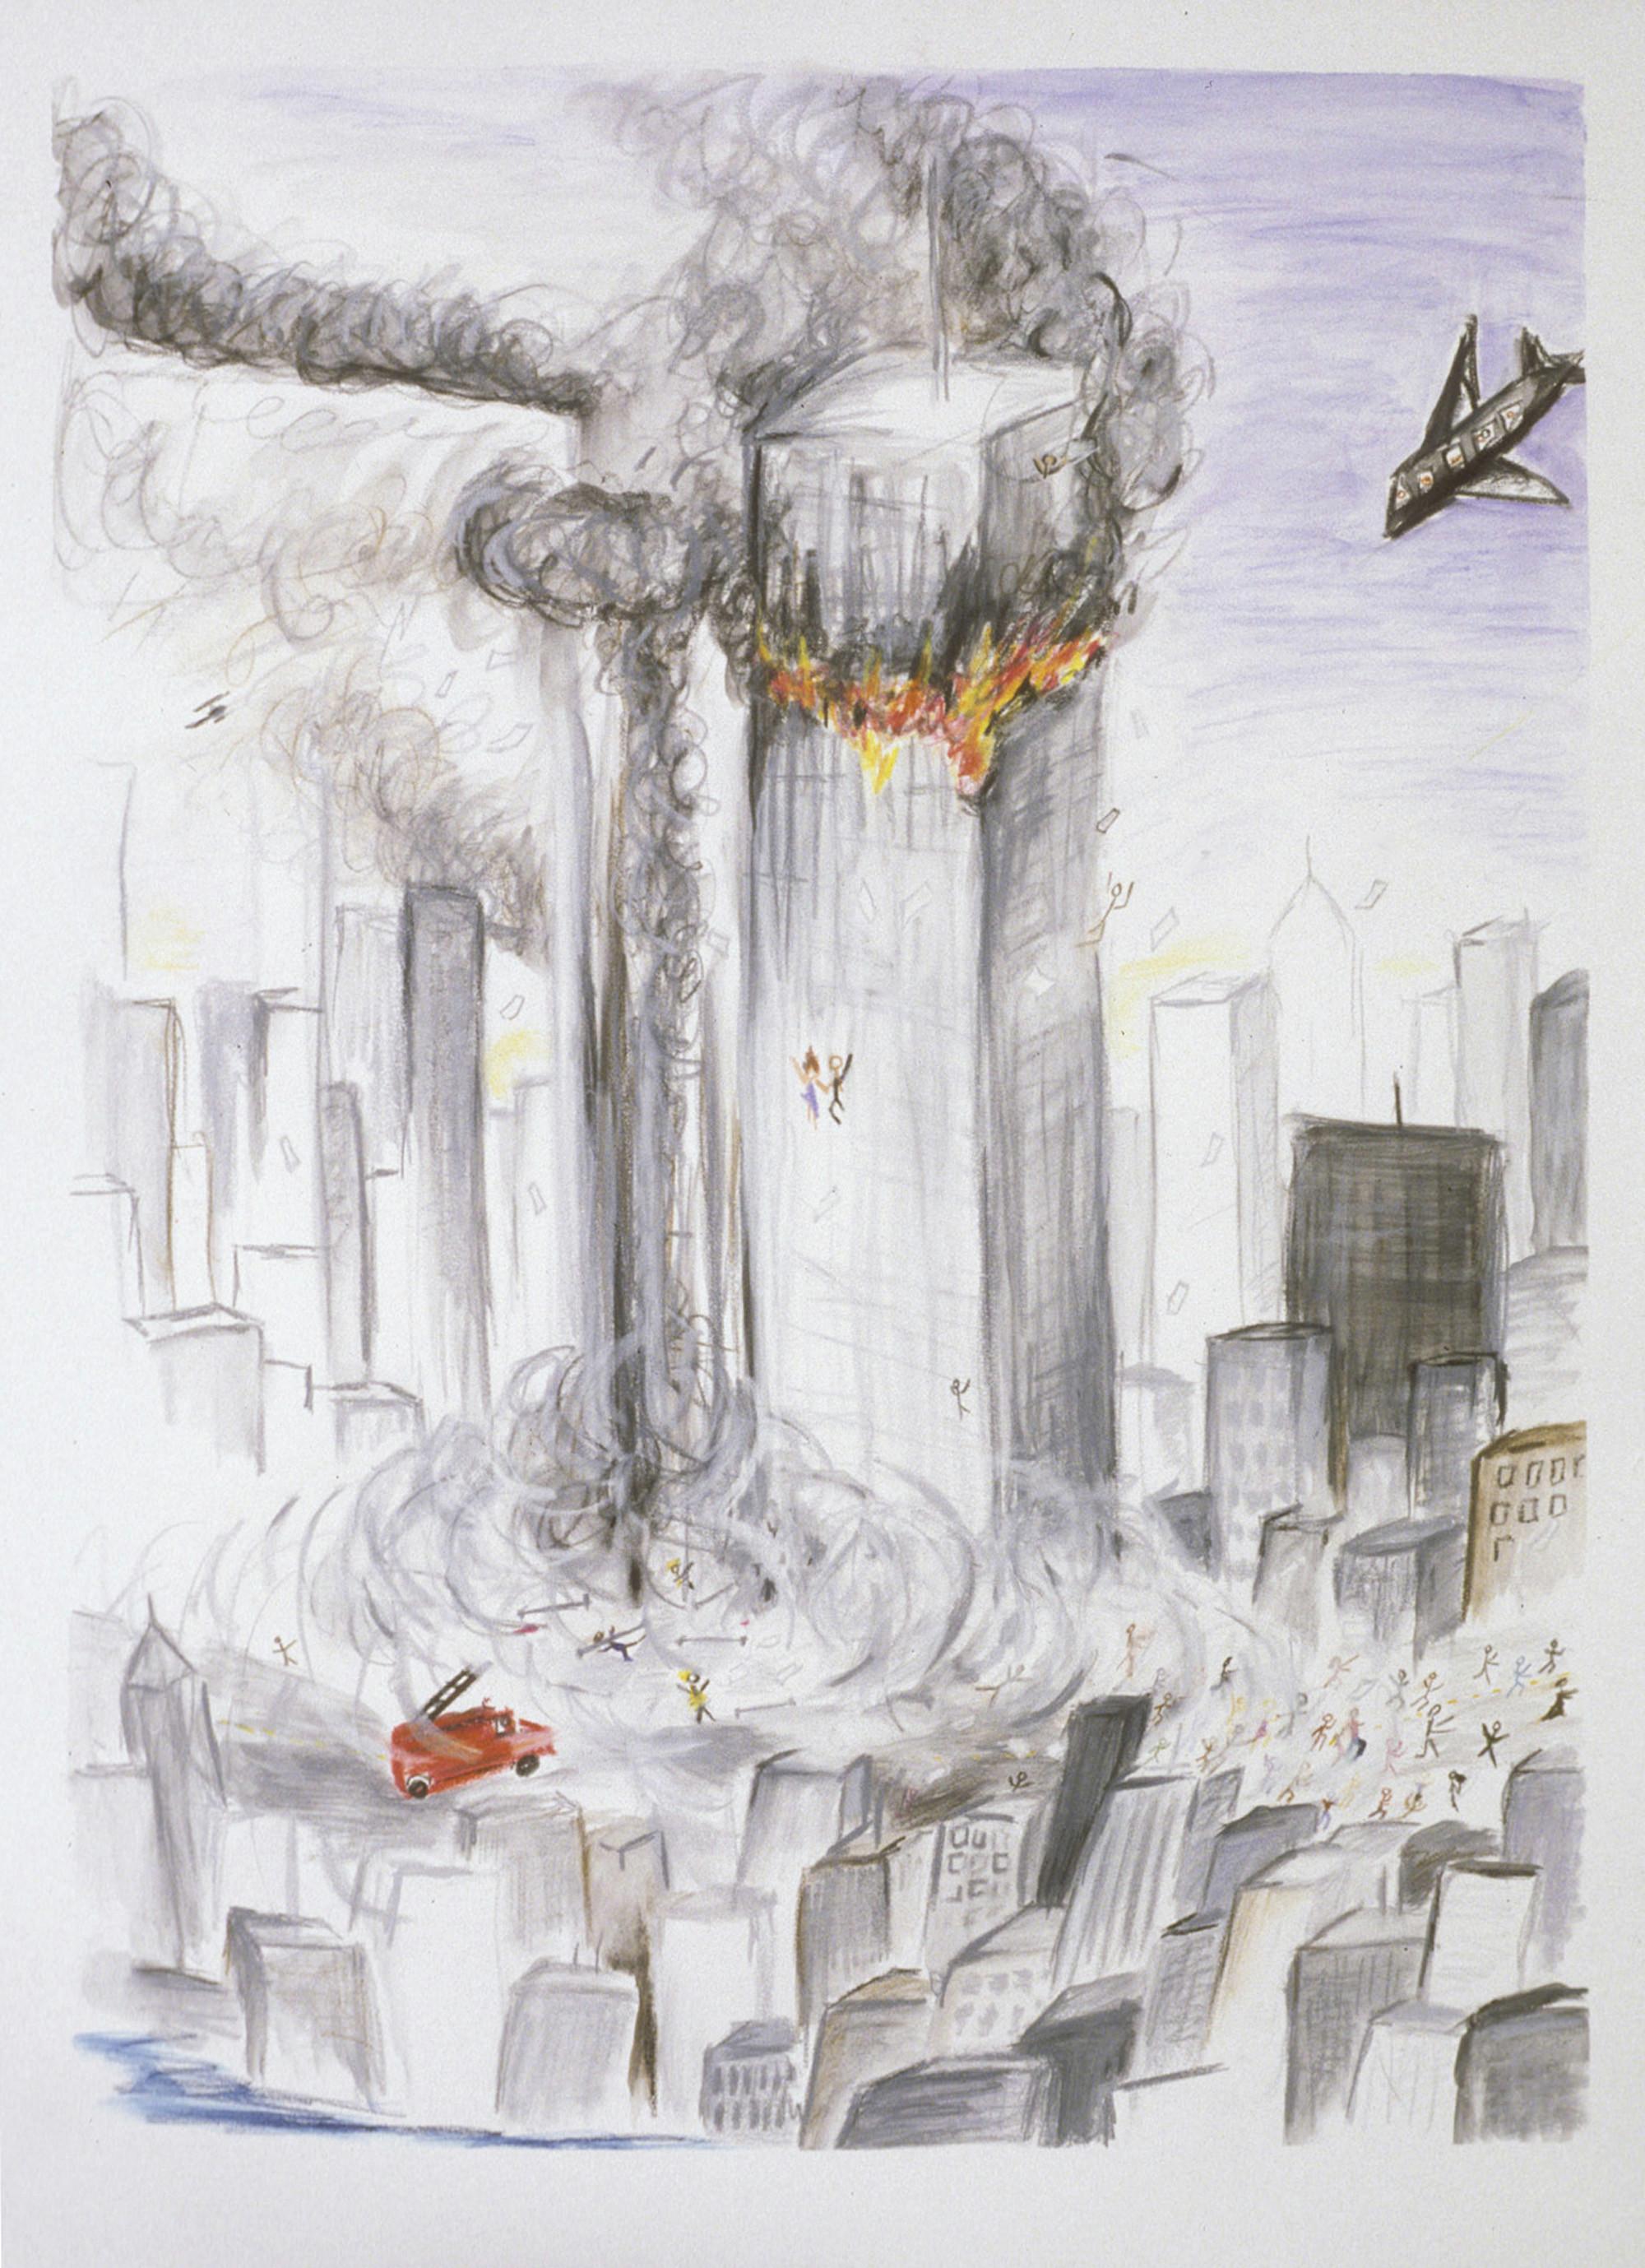 watercolor crayon 9 11 2001